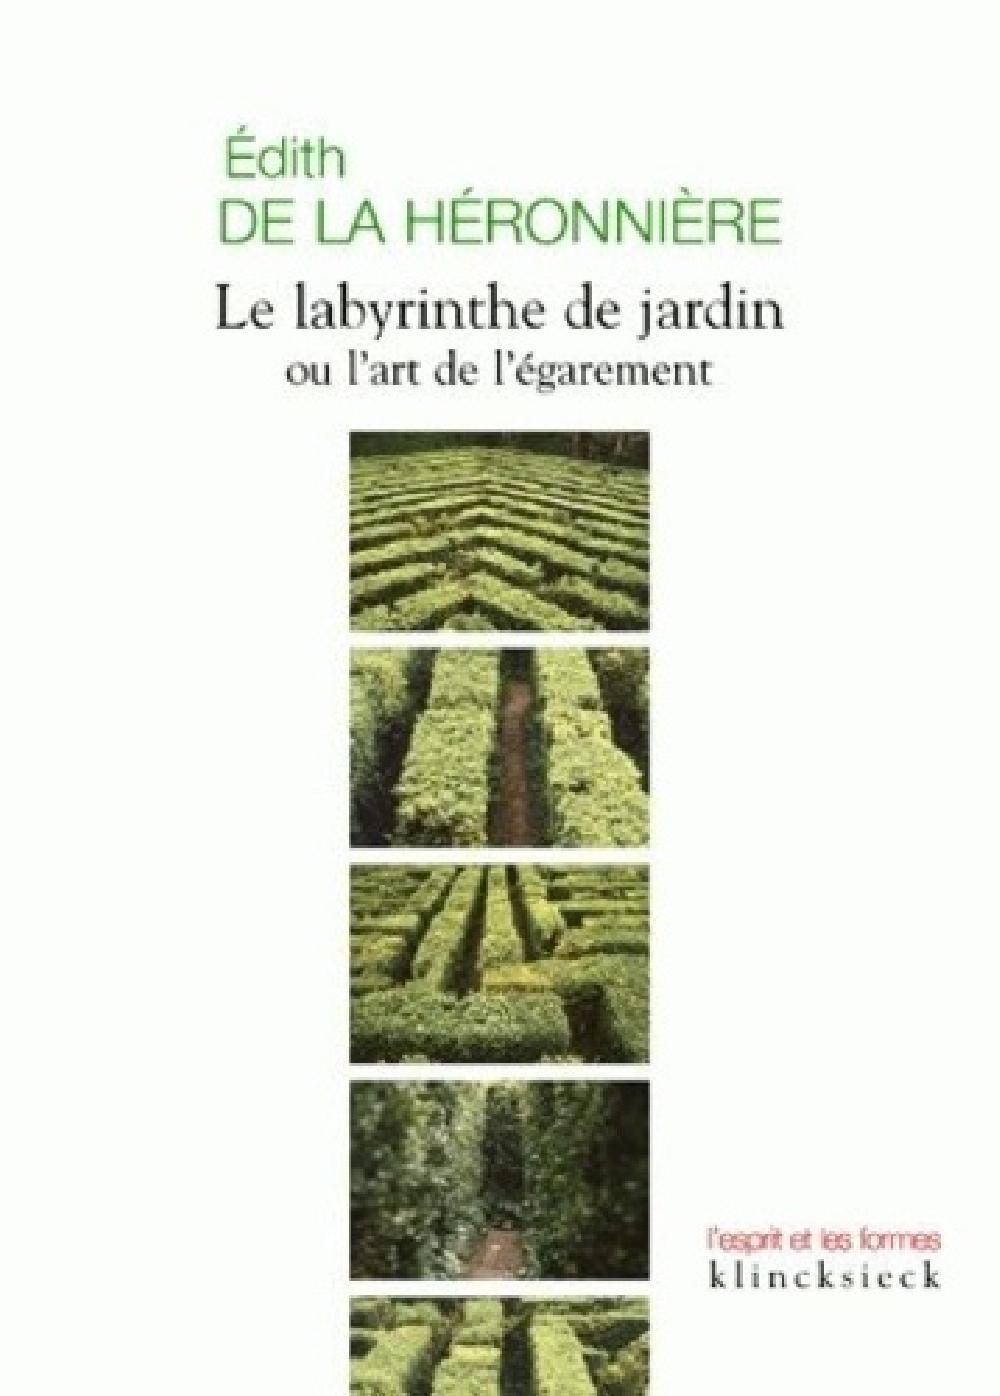 Le labyrinthe de jardin ou l'art de l'égarement